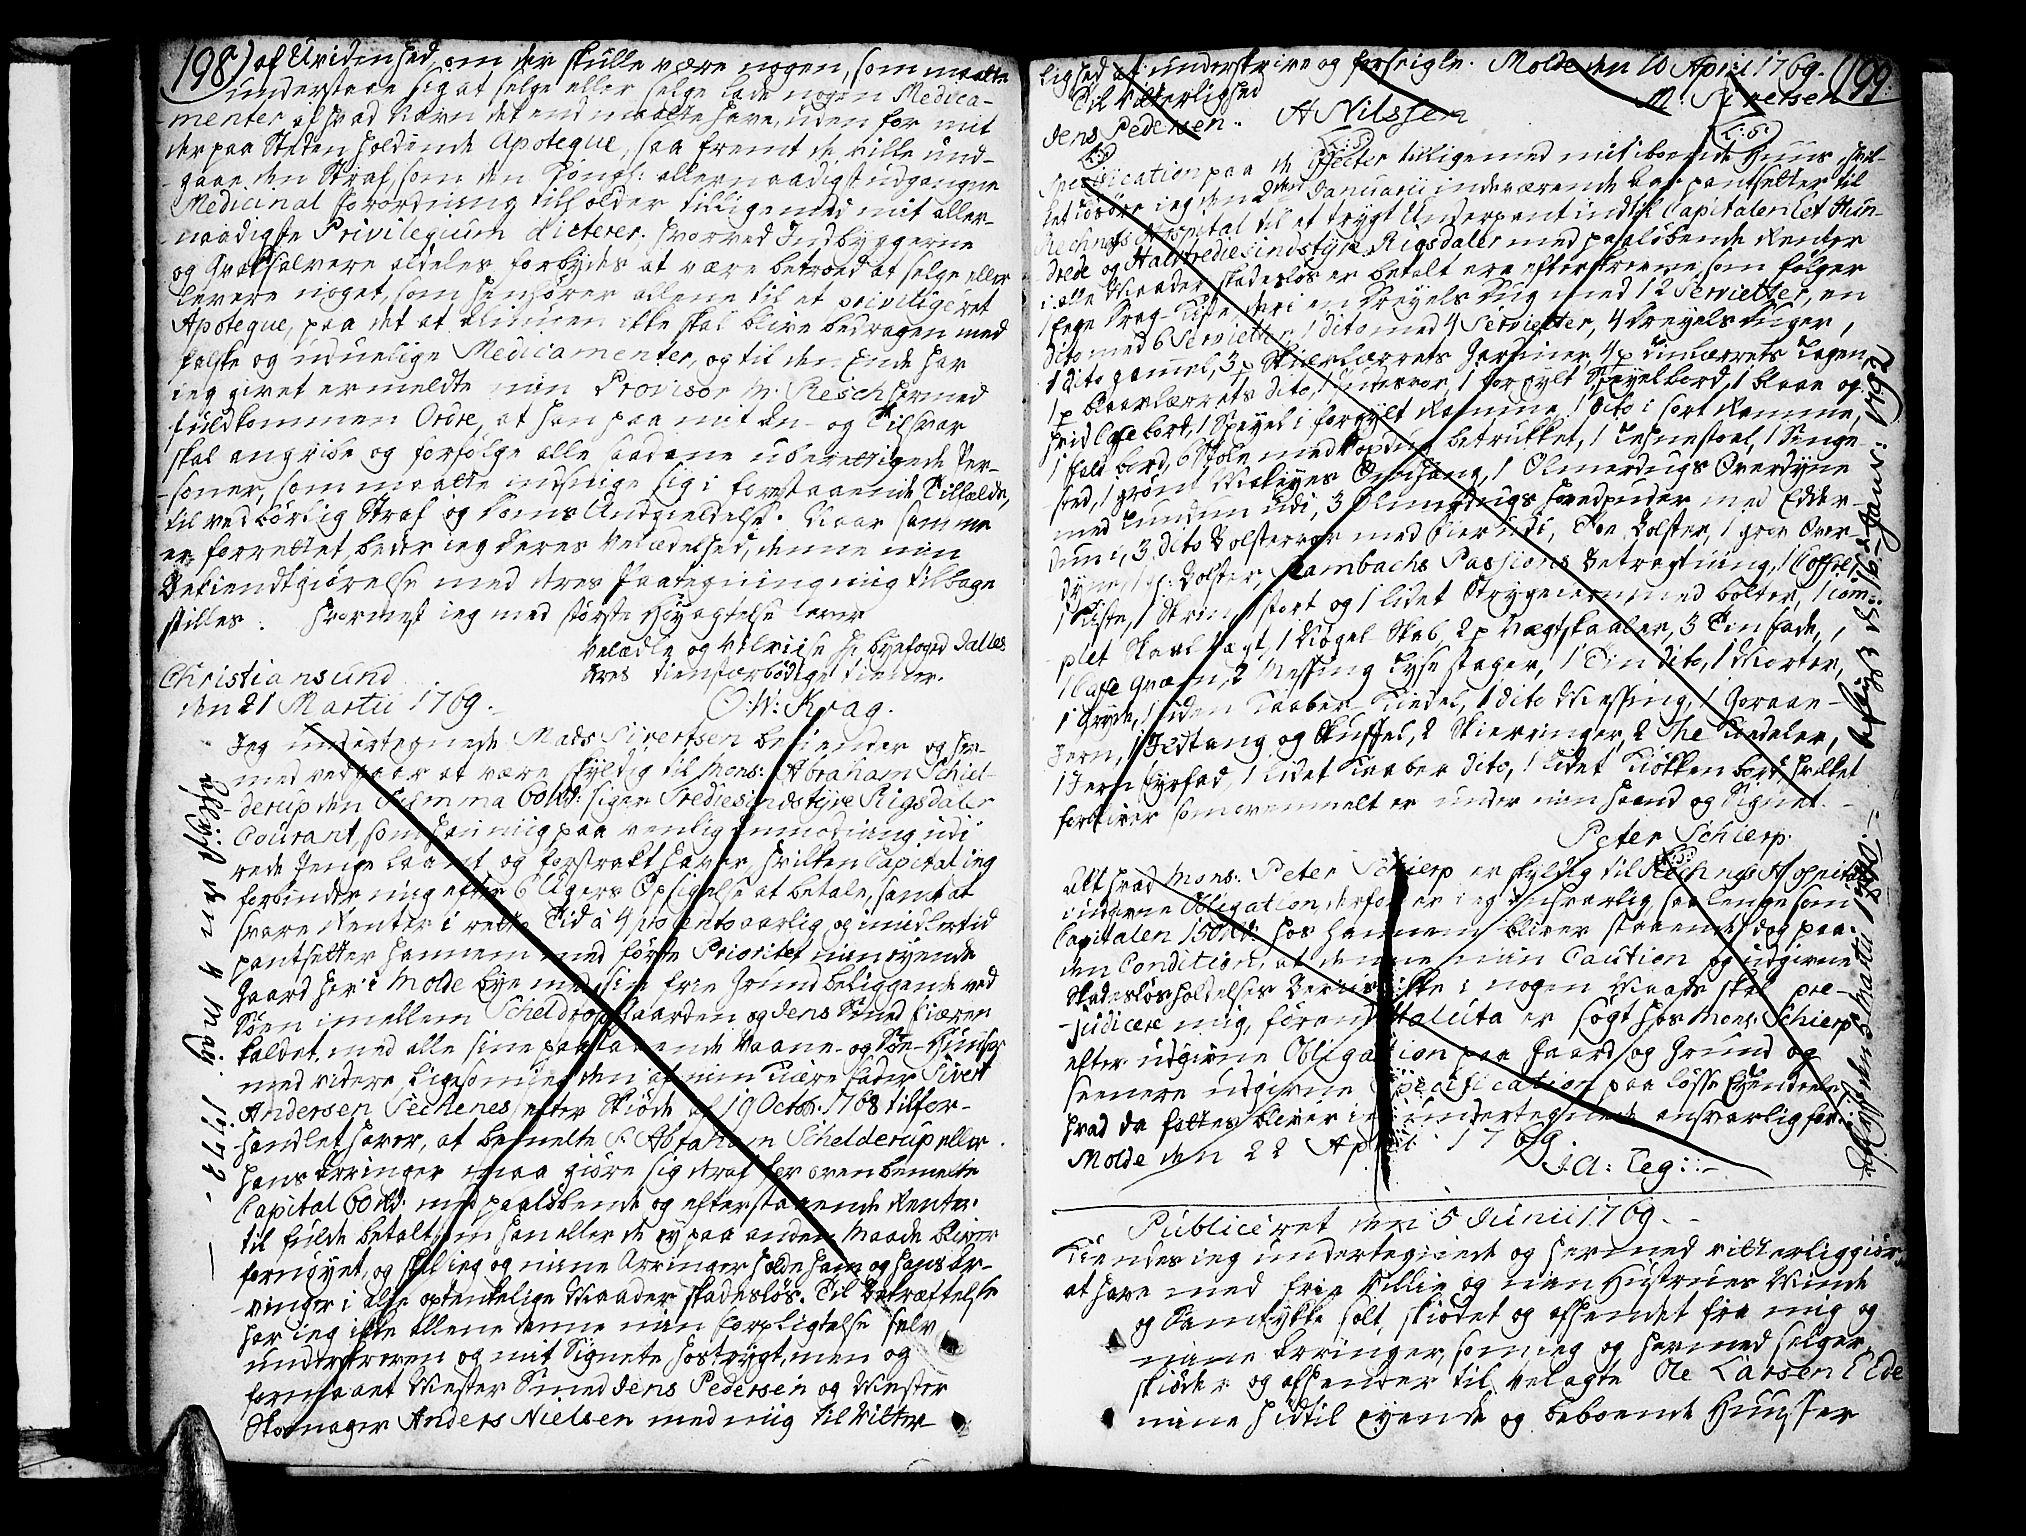 SAT, Molde byfogd, 2/2C/L0001: Pantebok nr. 1, 1748-1823, s. 198-199